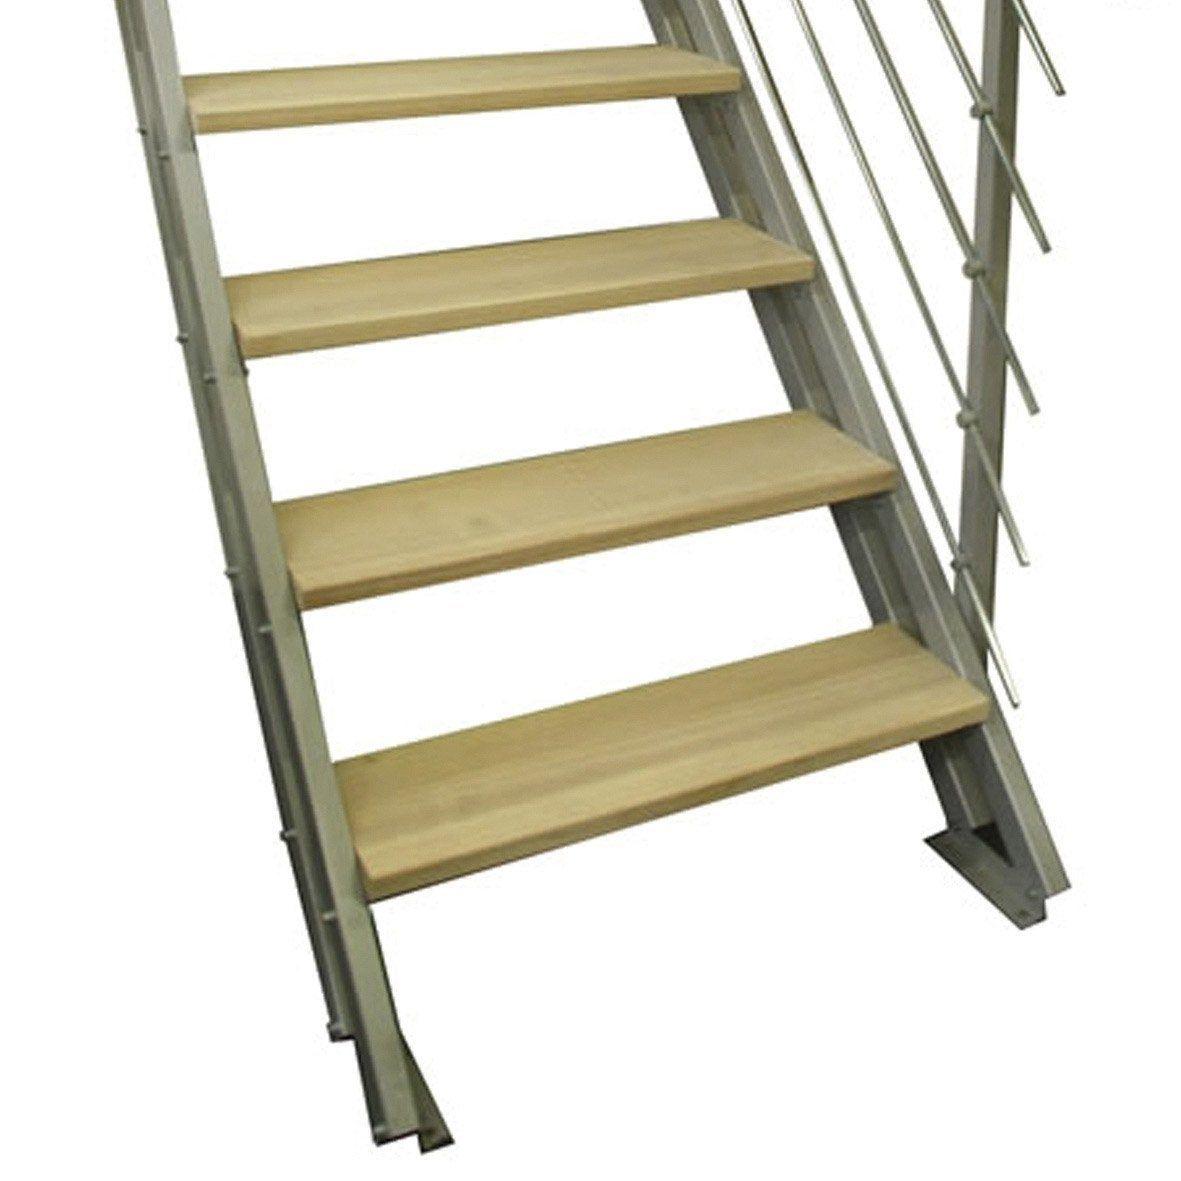 Escalier Modulaire Pas Cher escalier droit acier gris escavario 4 marches naturel, l.80